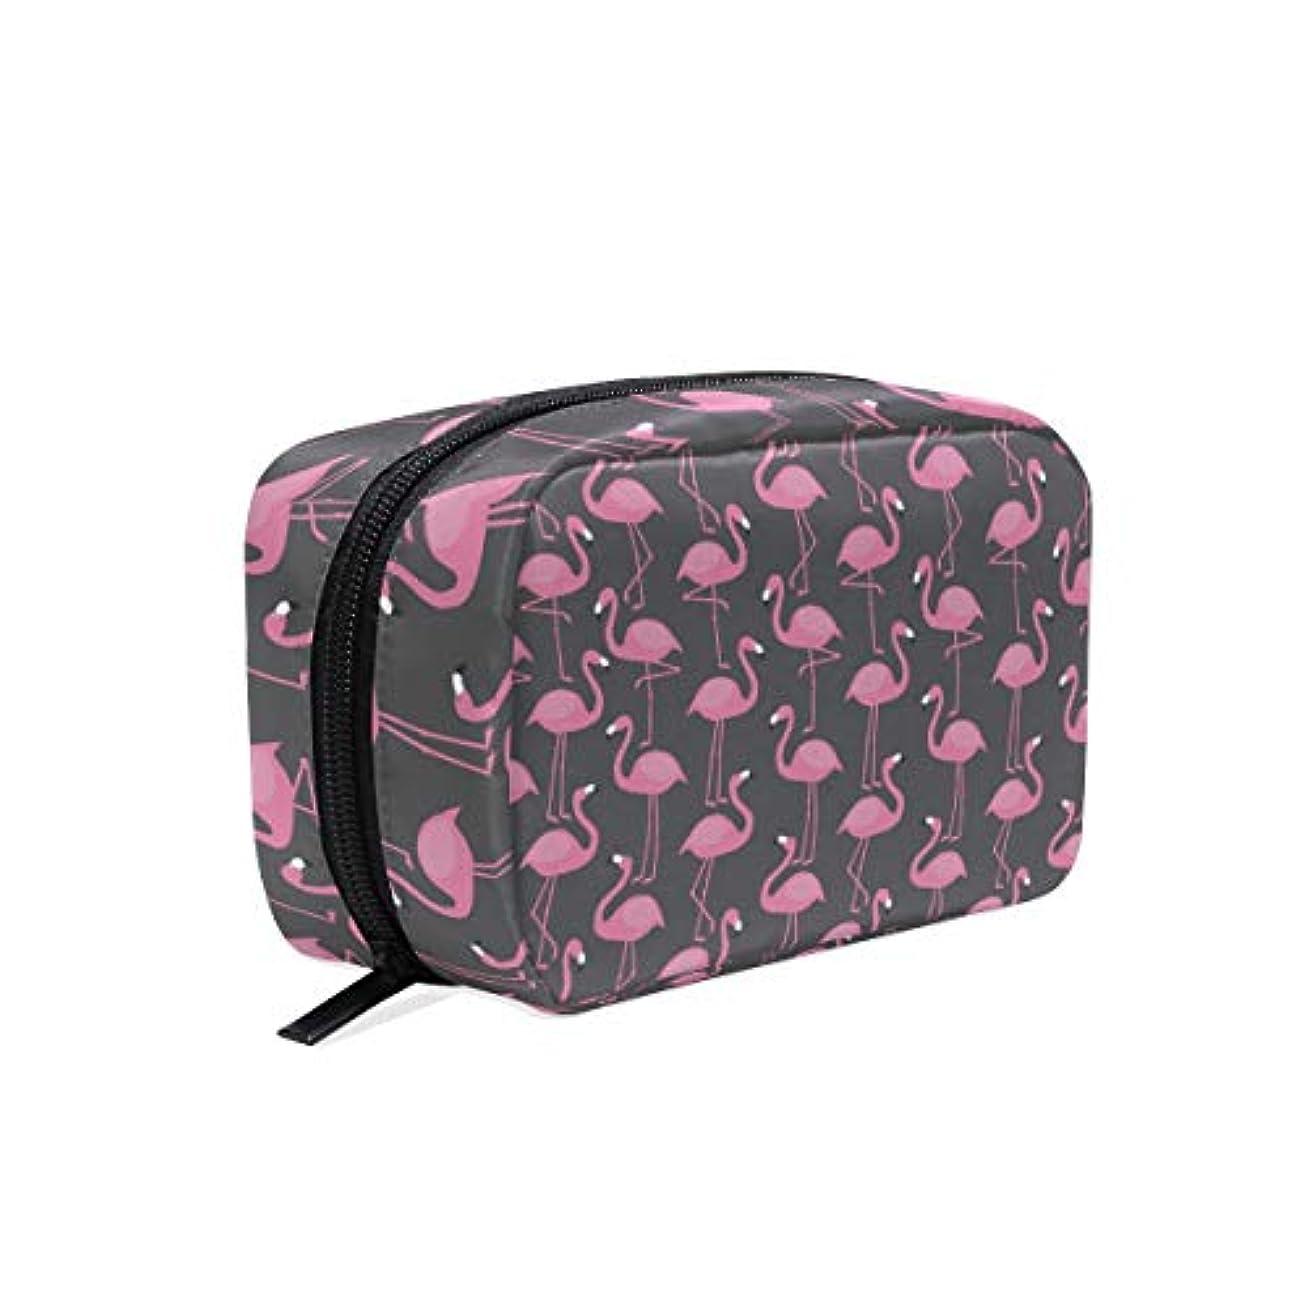 収束機械的にデマンドフラミンゴ 女の子 マルチコンパートメント 化粧品 アクセサリー ジュエリー 電子製品 浴室 休暇 ジム 用収納袋 Flamingos